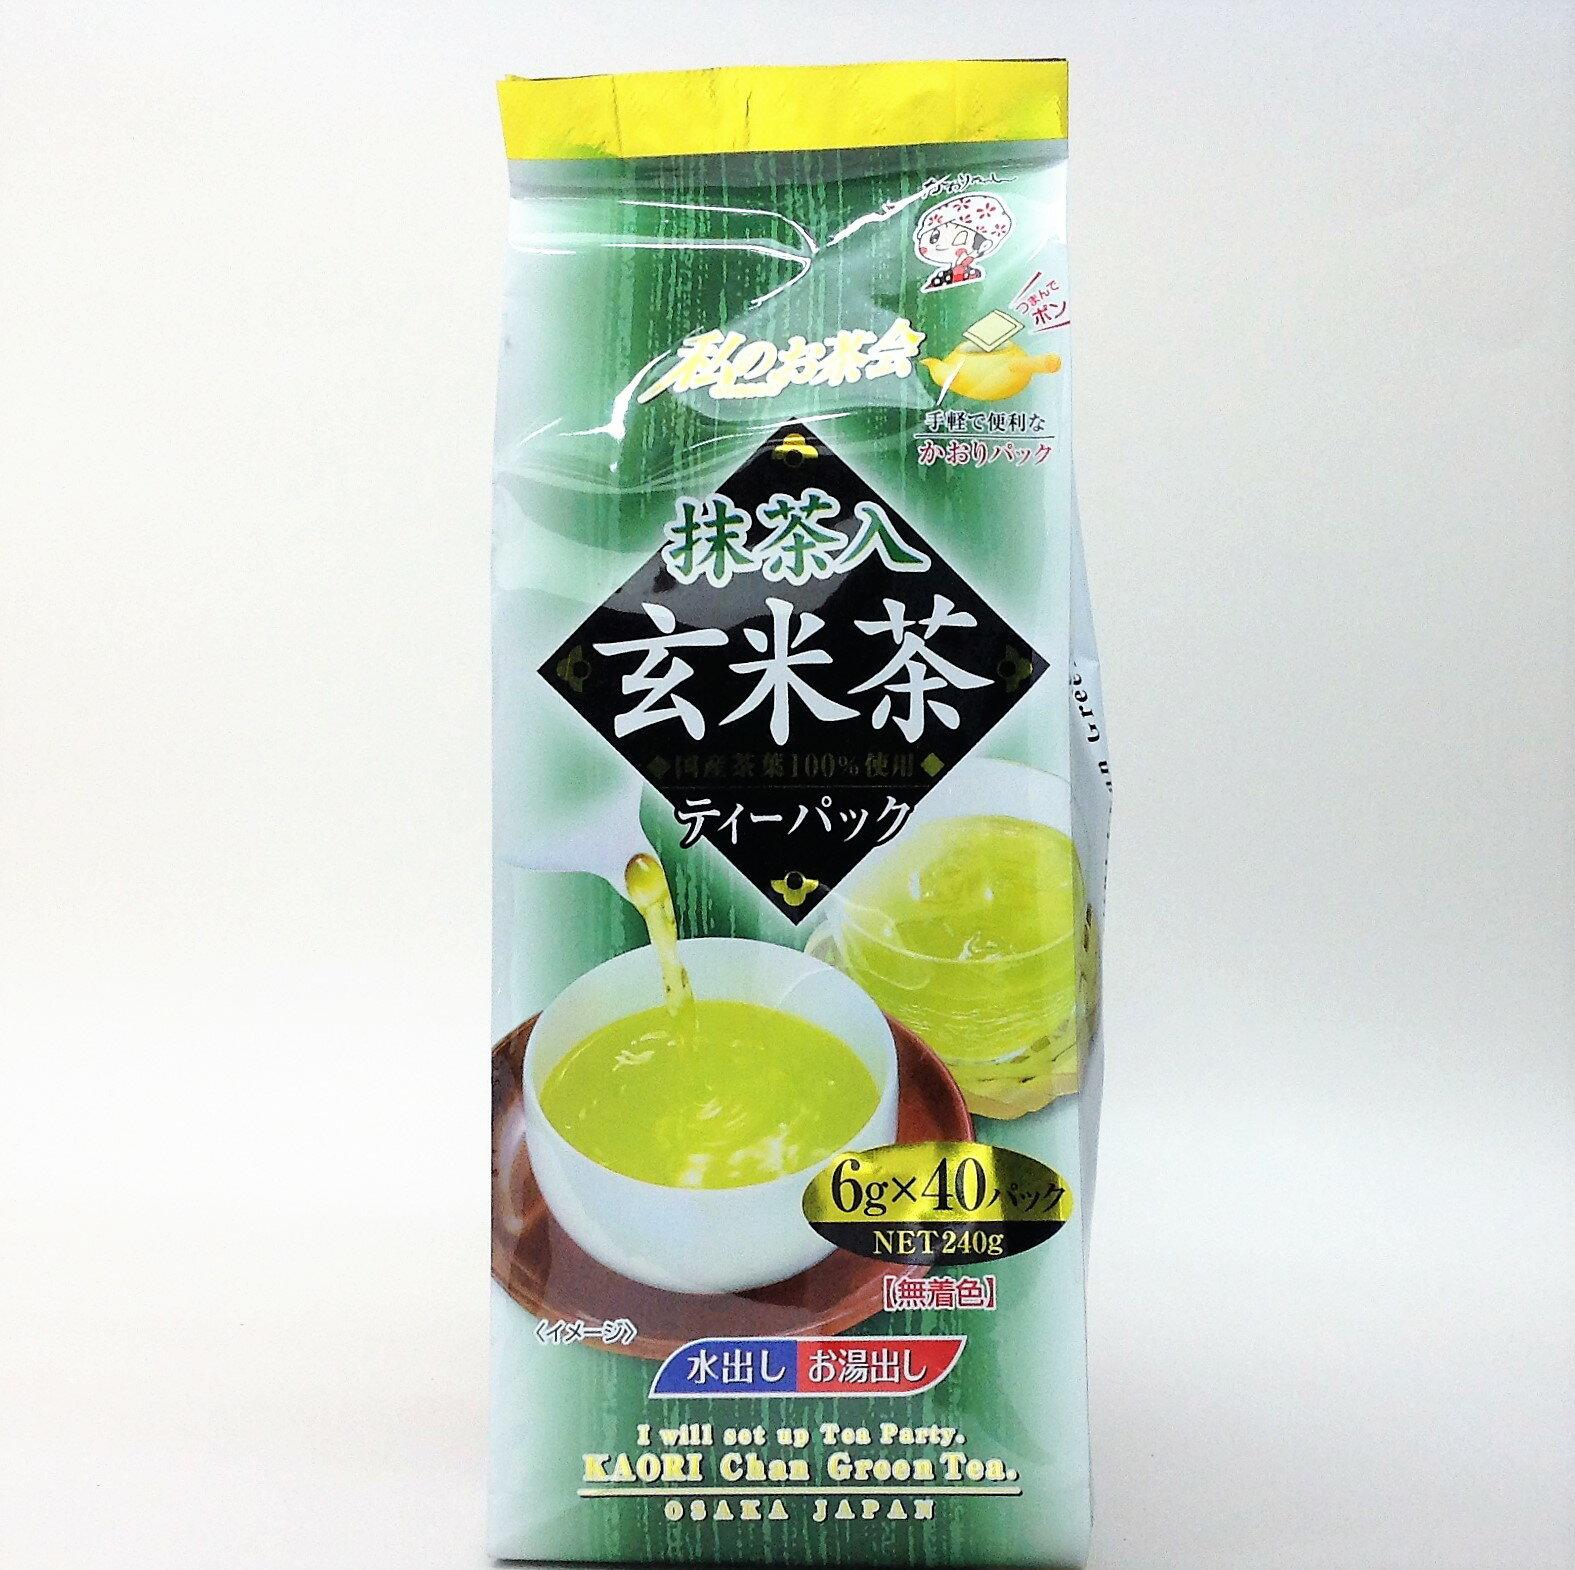 日本宇治森德抹茶入玄米茶包6g*40p